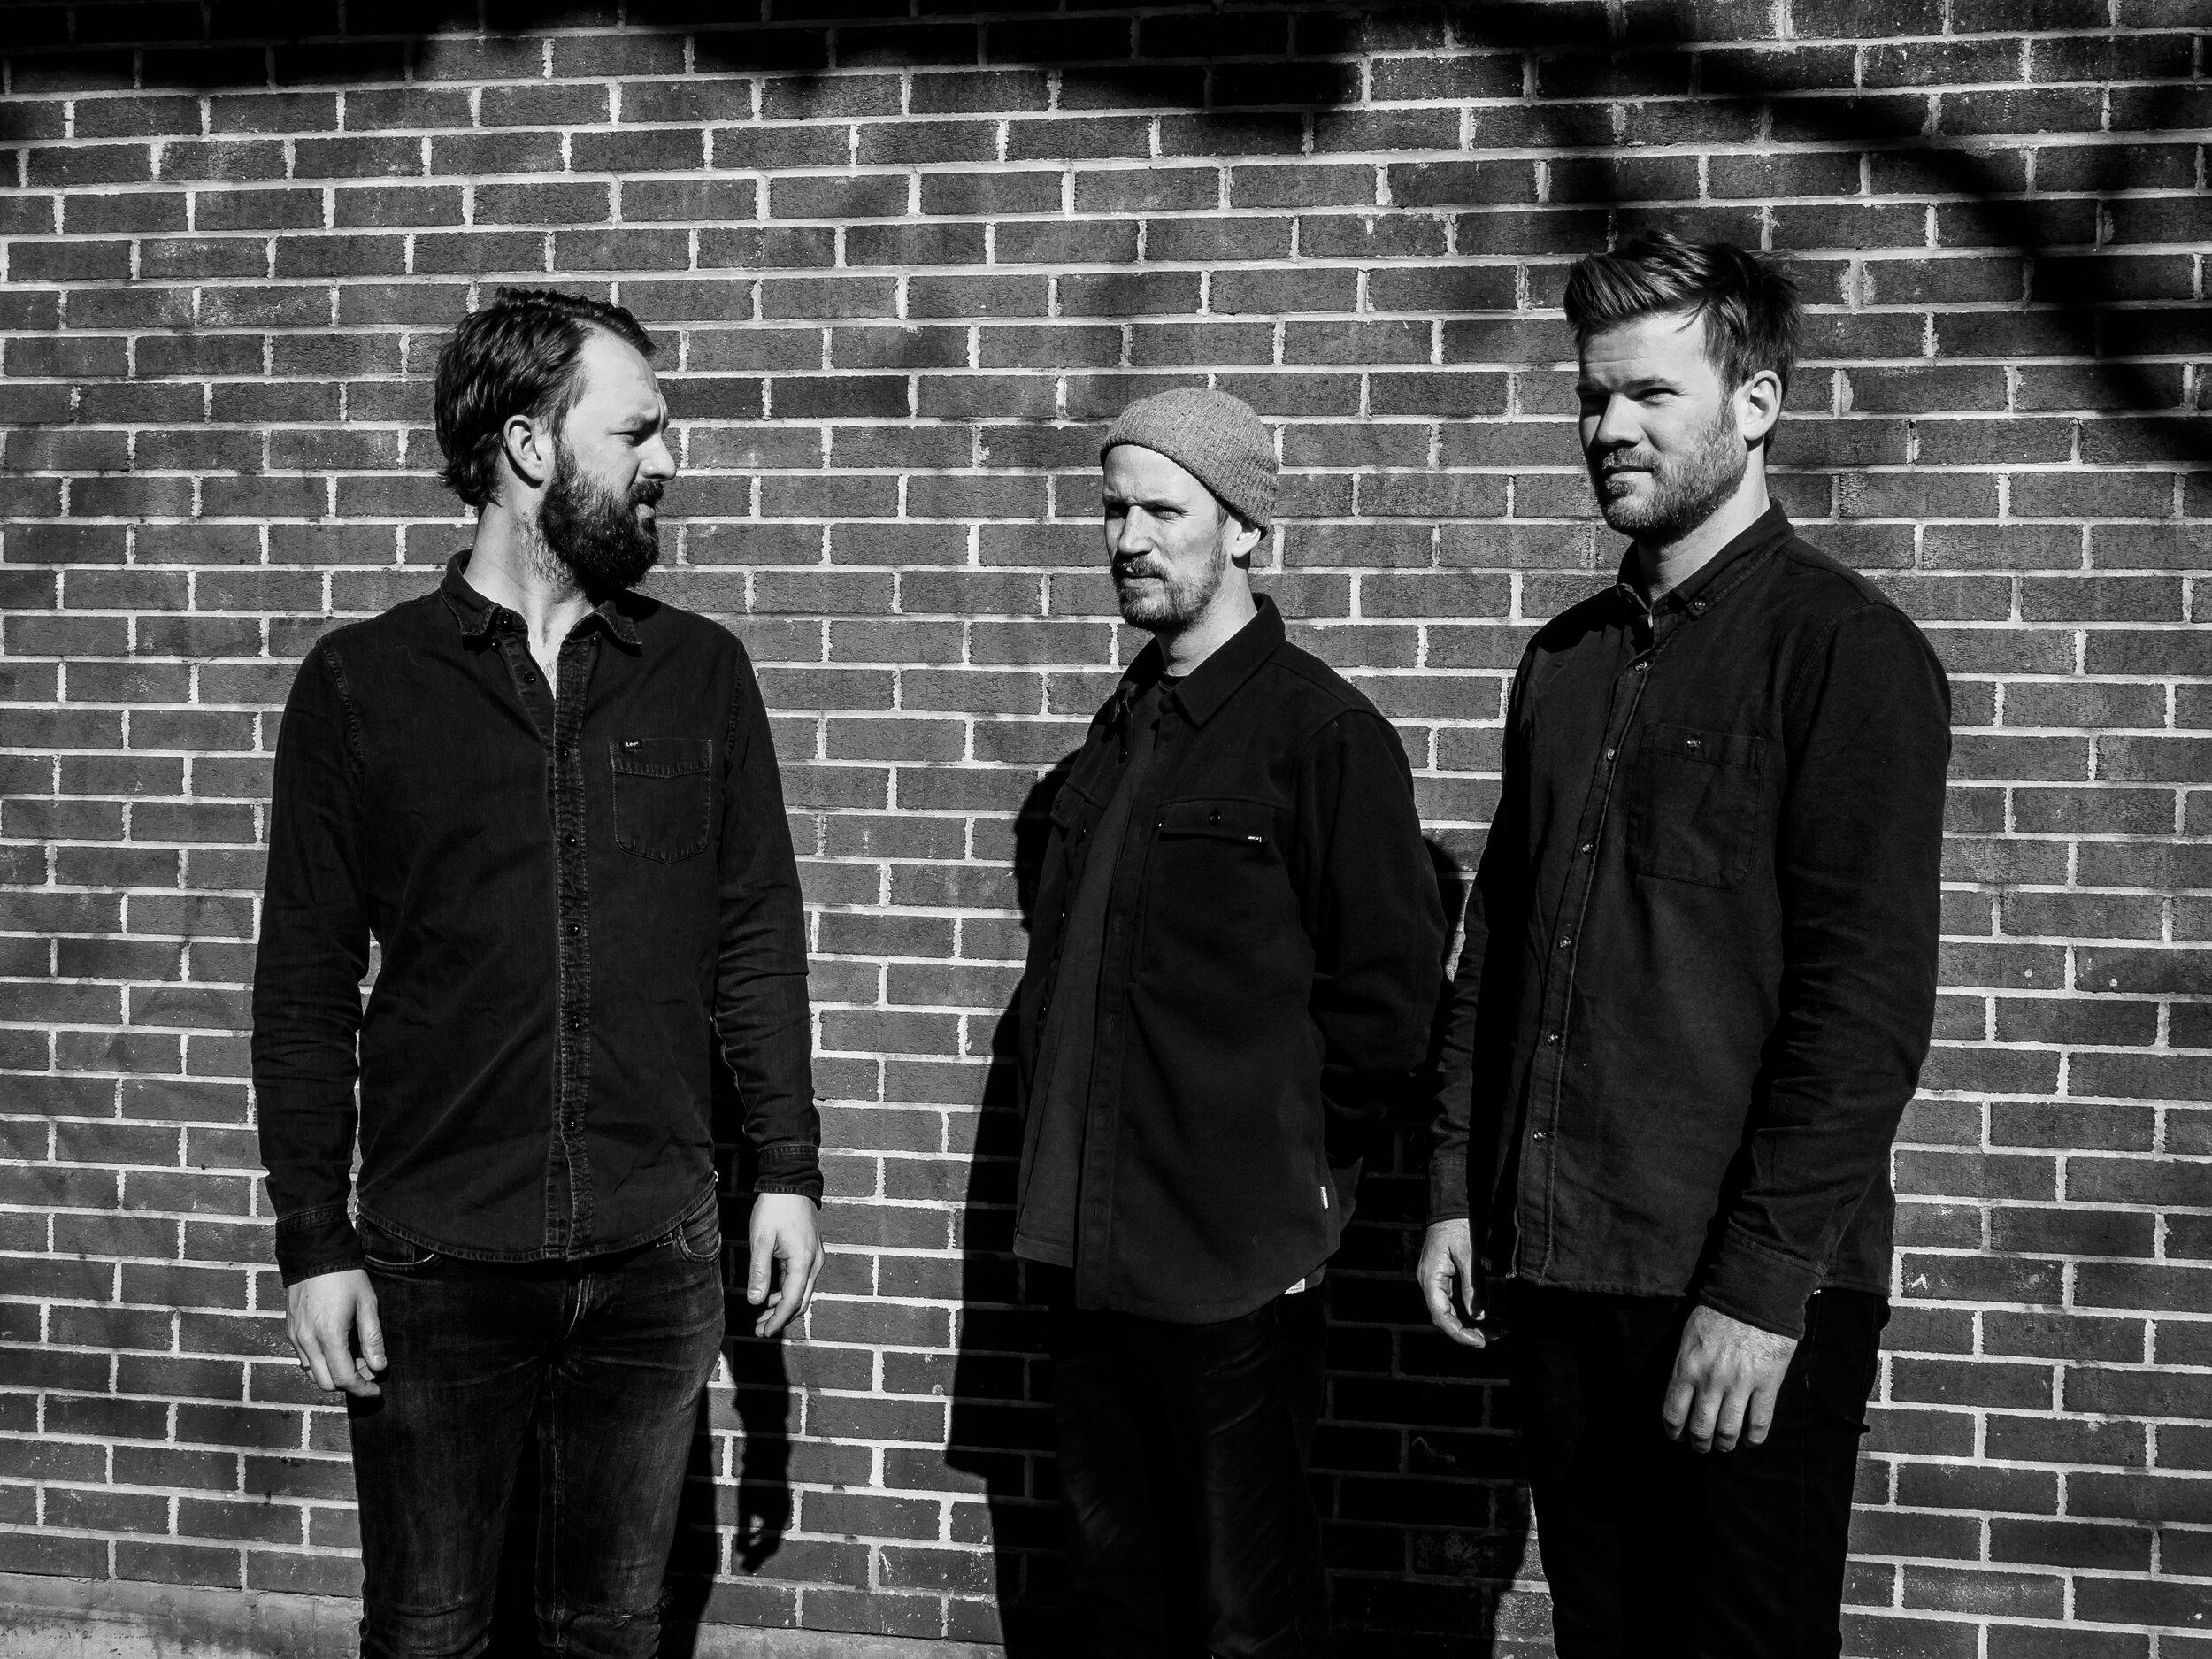 Gard Nilssen's Acoustic Unity—Nilssen, Petter Eldh, André Roligheten (photo:  Peter Gannushkin/downtownmusic.net )